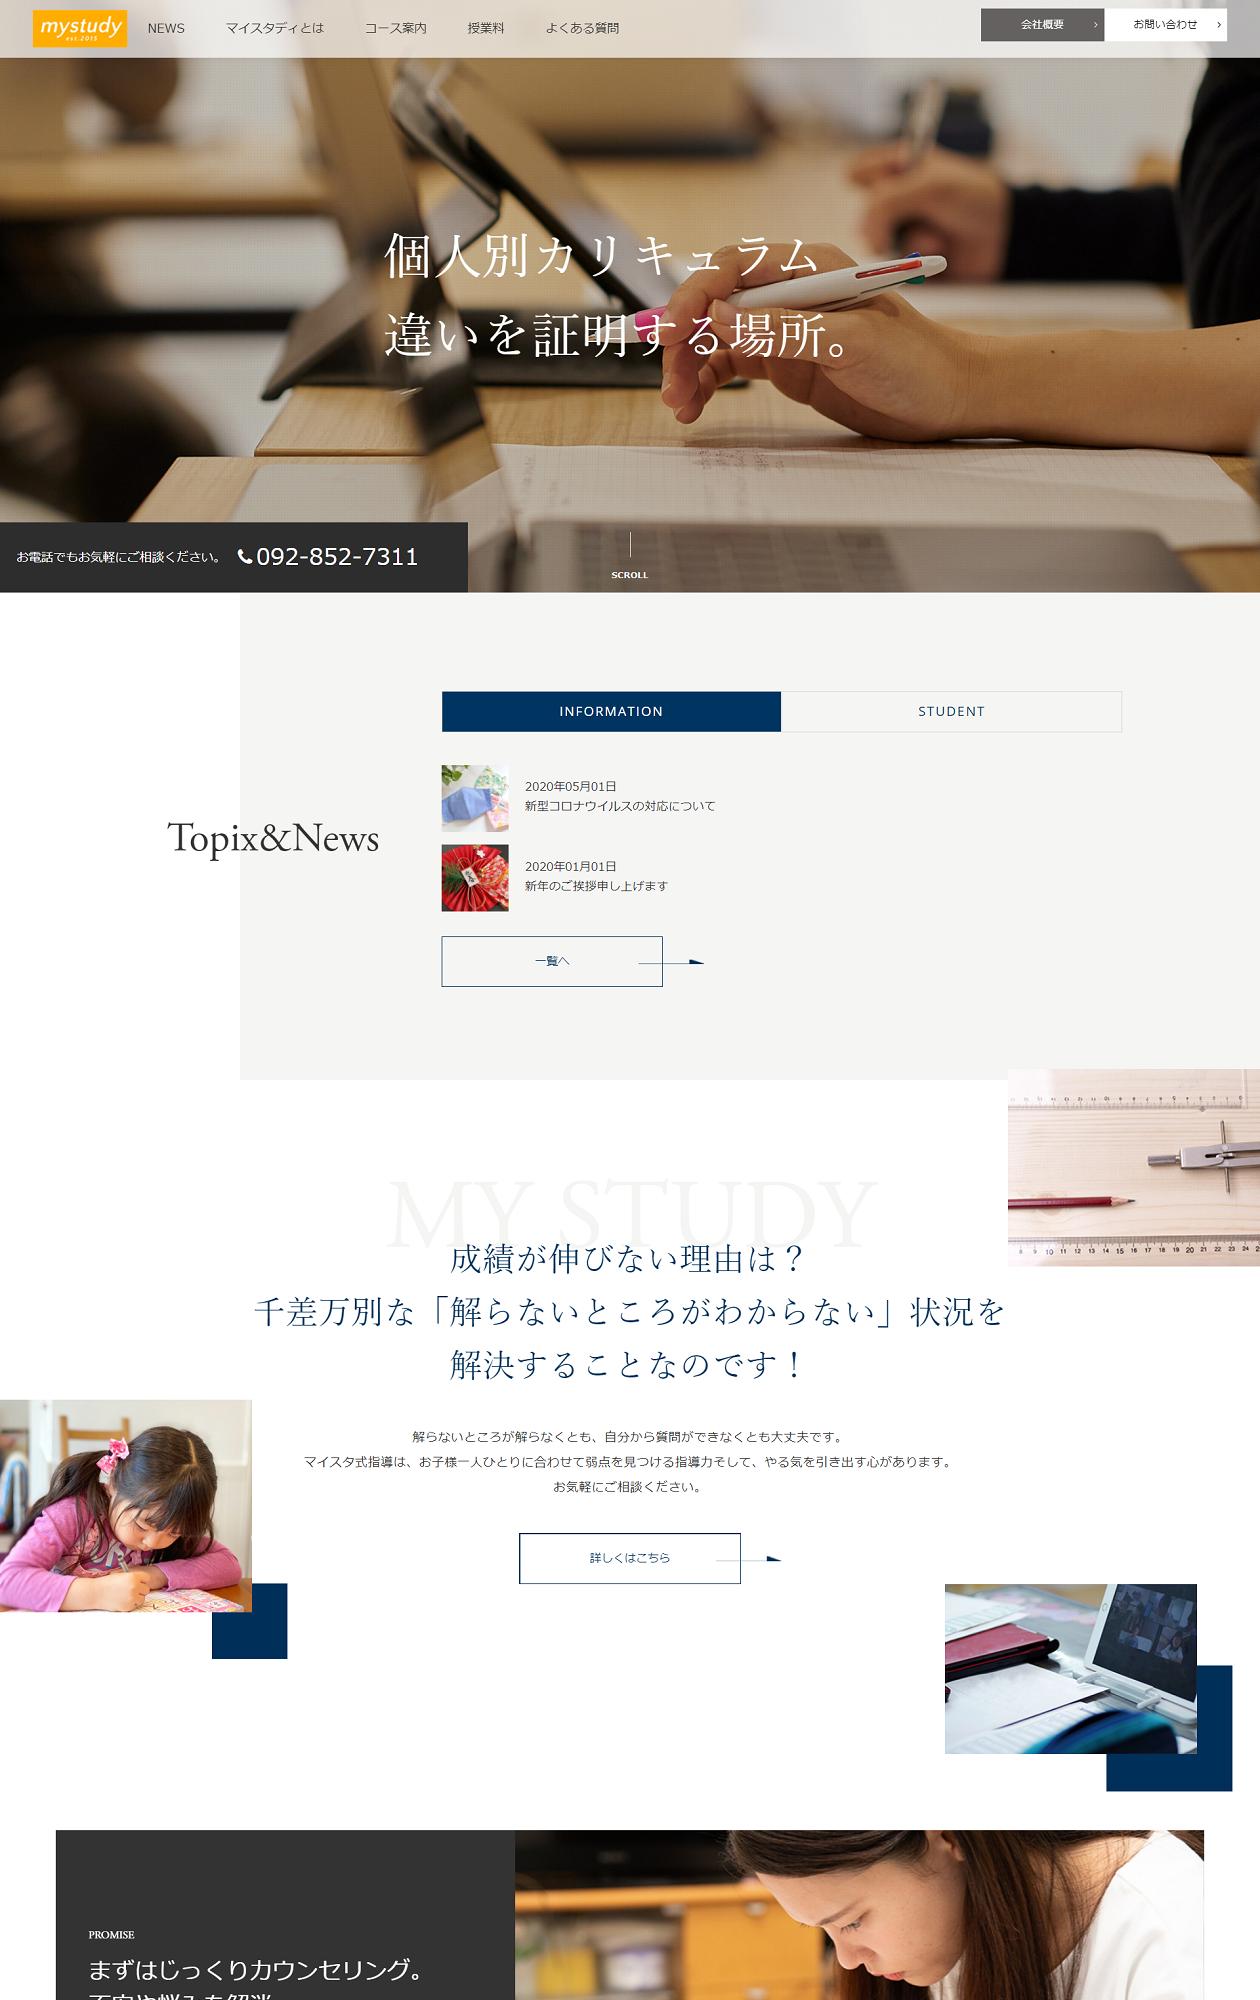 マイスタディ九州 ホームページ